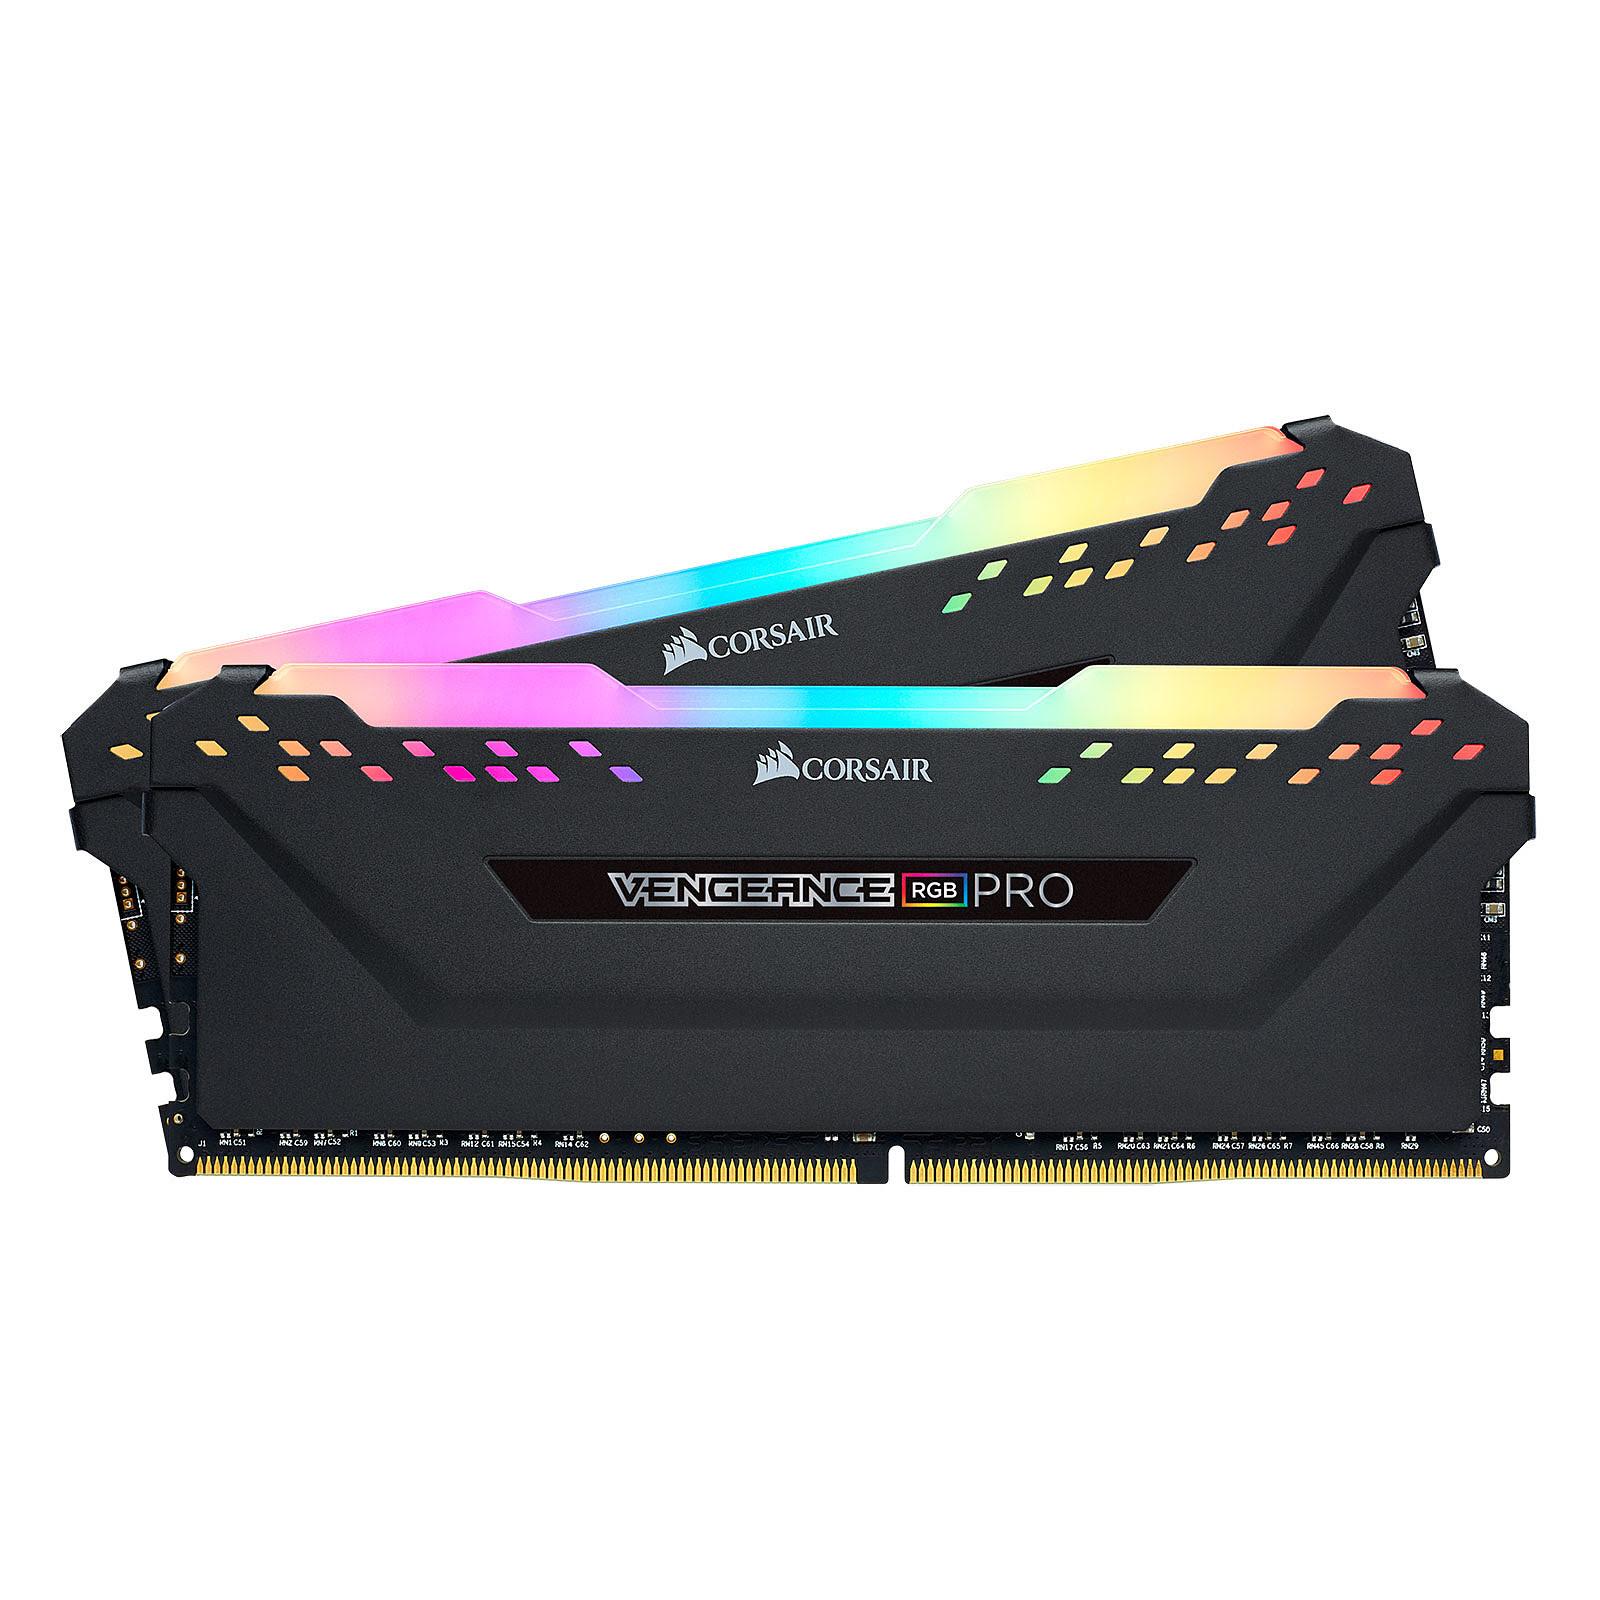 Corsair Vengeance RGB PRO  16Go DDR4 3200MHz PC25600 - Mémoire PC Corsair sur Cybertek.fr - 3